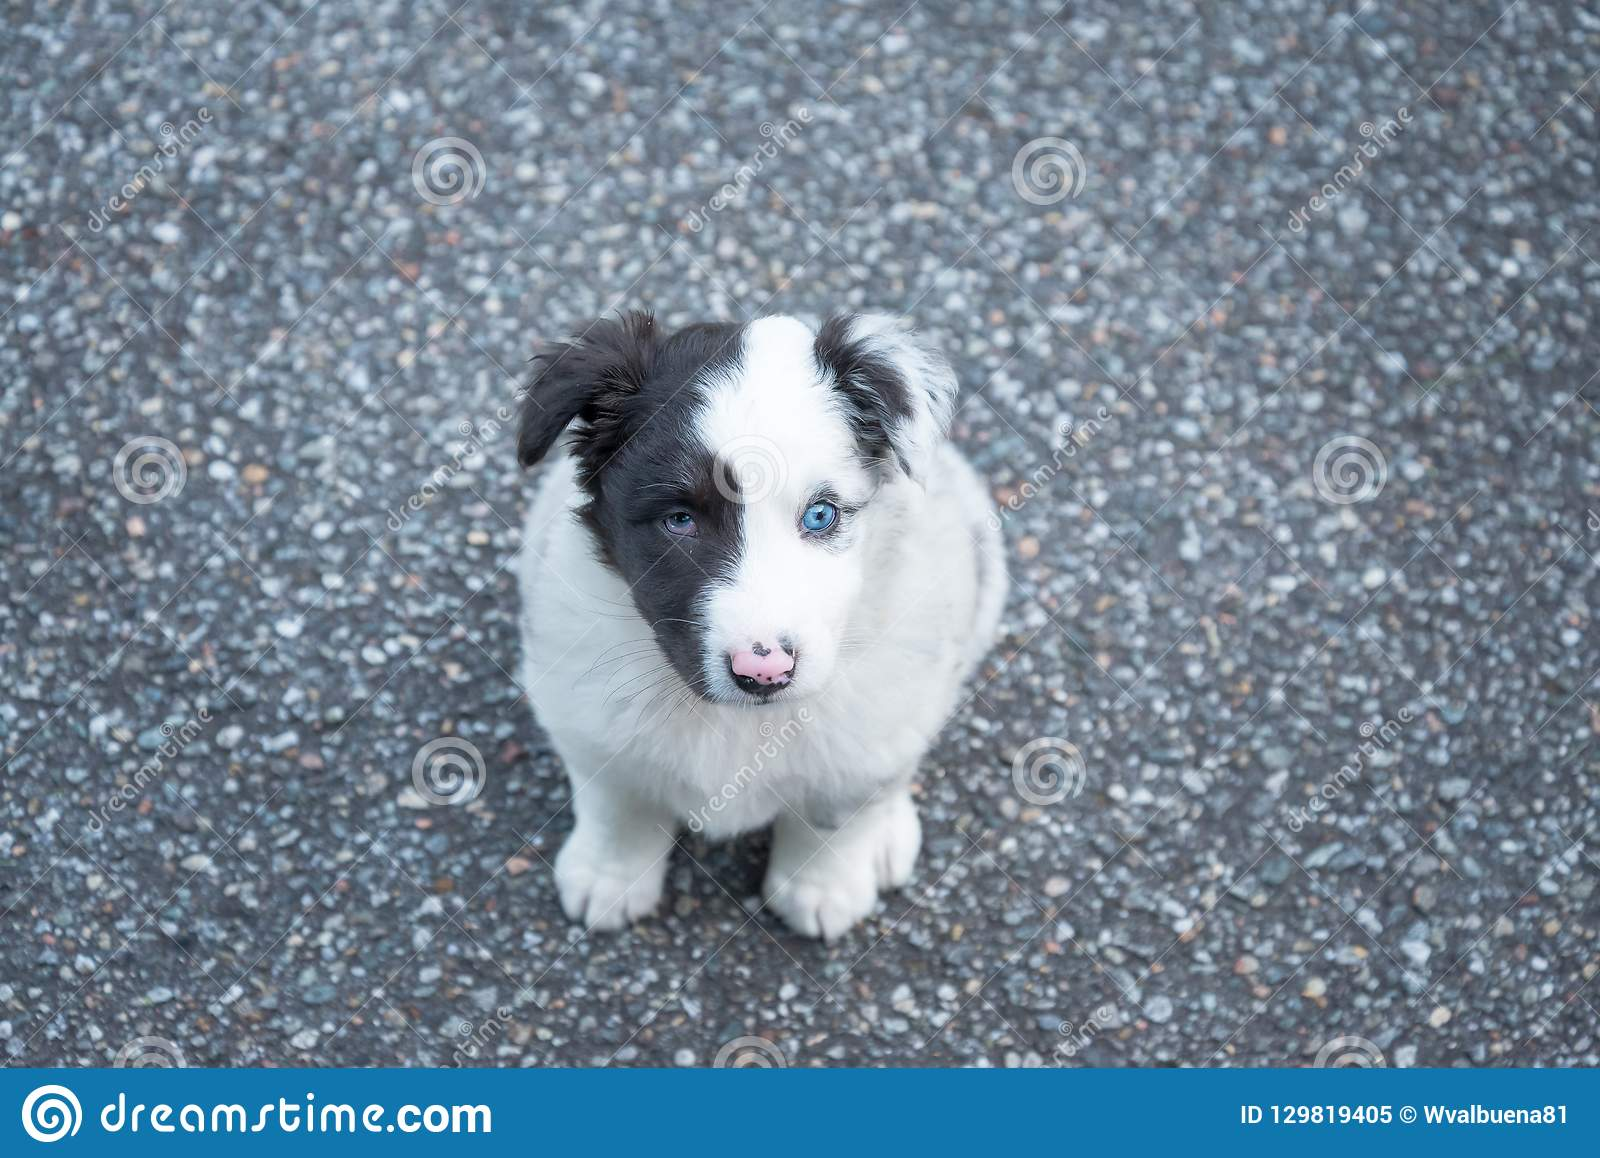 Sweet And Small Australian Shepherd Puppy Dog Stock Image Image Of Shepherd Pink 129819405